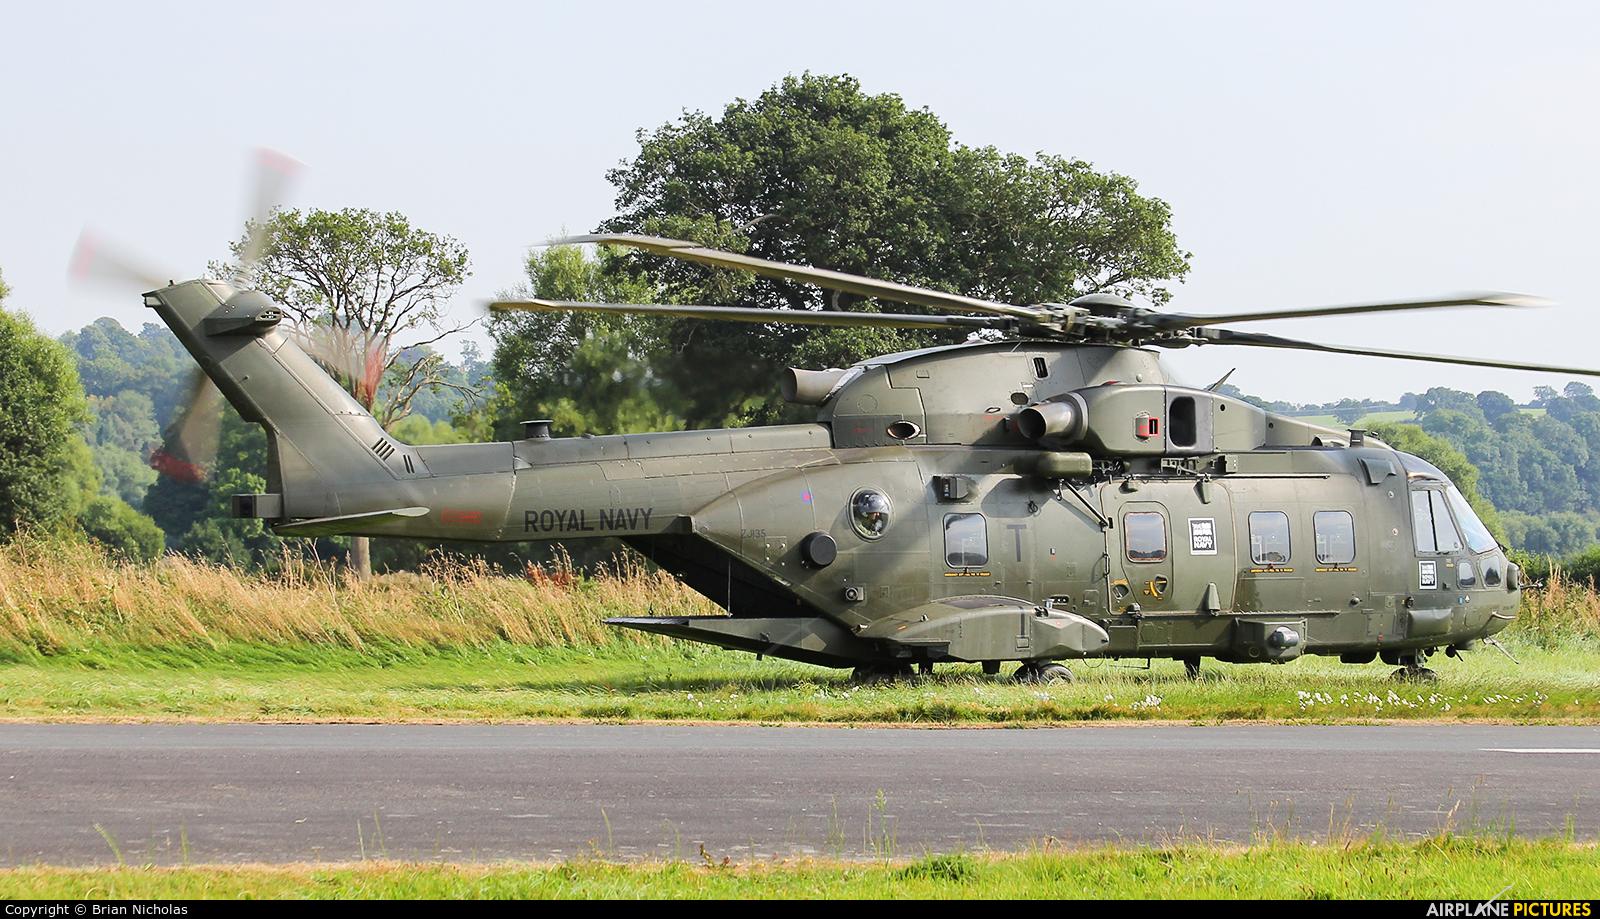 Royal Air Force ZJ135 aircraft at Welshpool